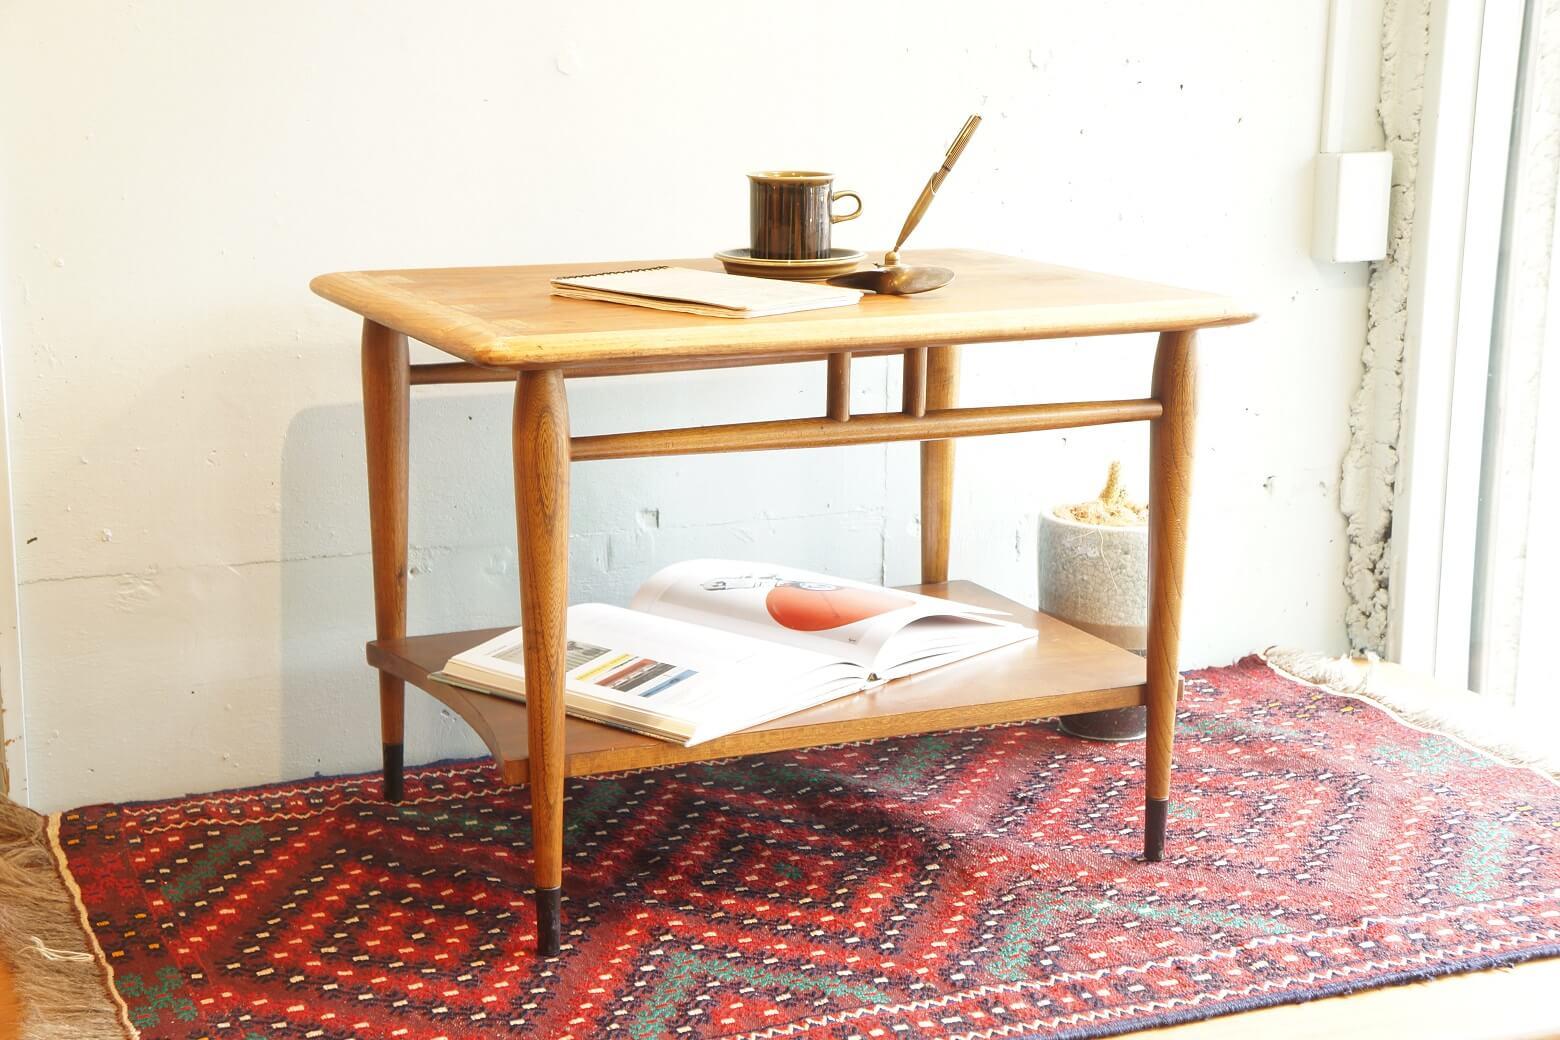 アメリカミッドセンチュリーを代表する老舗家具メーカー『LANE/レーン』。 『ダブテイル』と呼ばれる鳩の尾っぽのような組み木模様が特徴の『ACCLAIM/アクレーム』は特に人気のあるシリーズです。 こちらはテレビ台としても使えそうなサイドテーブル。 棚板が付いているので読みかけの雑誌やデッキなどを置くのにも便利です。 木のあたたかみを活かしたデザインなので、ミッドセンチュリースタイルだけでなく北欧家具にも、インダストリアルなインテリアにも合わせやすいです。 経年や使用による細かな擦れやキズがございますが、使用には問題ありません。 バックスタンプから推測すると、このテーブルは1959年製。 今から約60年も前のものとは思えないほどとても良いコンディションです。 良いものを永く、大切に、さらに味わい深く…そんなふうに使いたいですね。 ~【東京都杉並区阿佐ヶ谷北アンティークショップ 古一】 古一/ふるいちでは出張無料買取も行っております。杉並区周辺はもちろん、世田谷区・目黒区・武蔵野市・新宿区等の東京近郊のお見積もりも!ビンテージ家具・インテリア雑貨・ランプ・USED品・ リサイクルなら古一/フルイチへ~